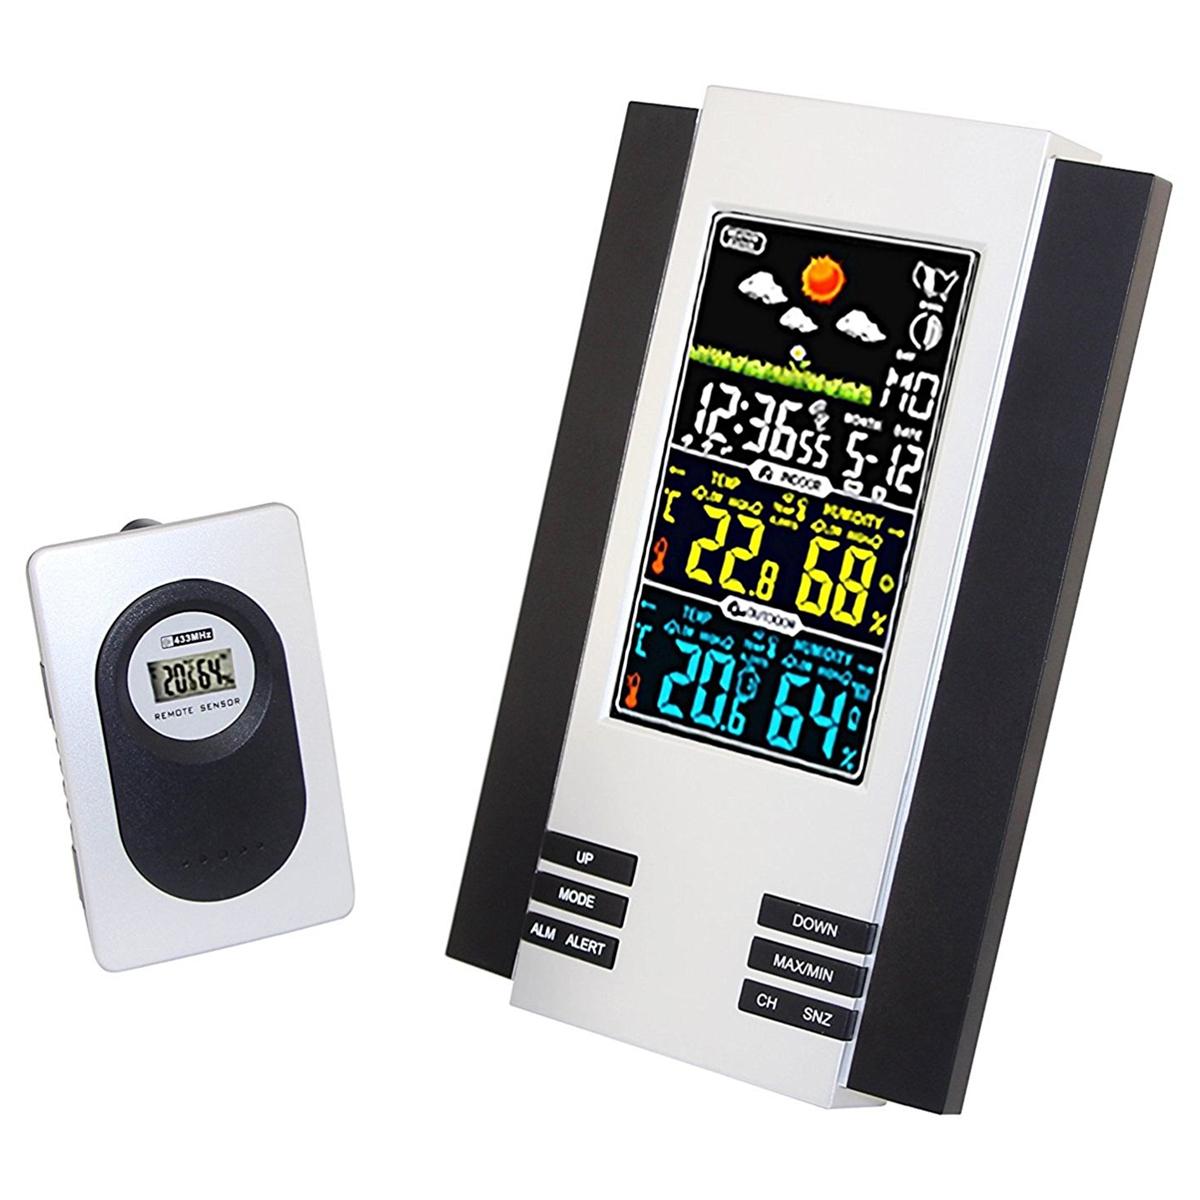 Lcd Digital Indoor Outdoor Wireless Weather Station Clock